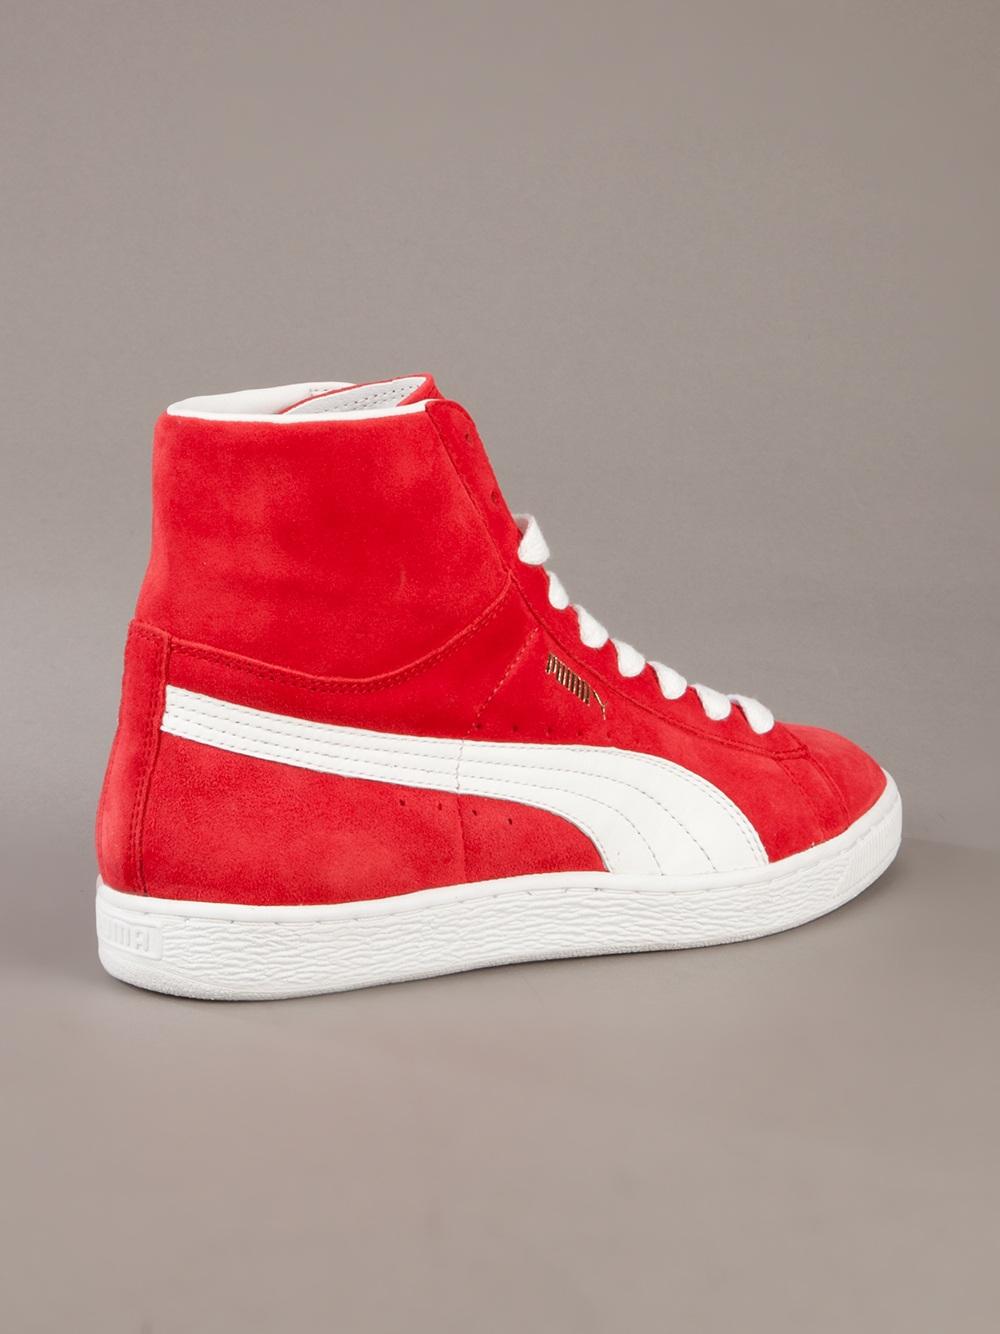 750801f106ec PUMA Hi Top Sneakers in Red for Men - Lyst